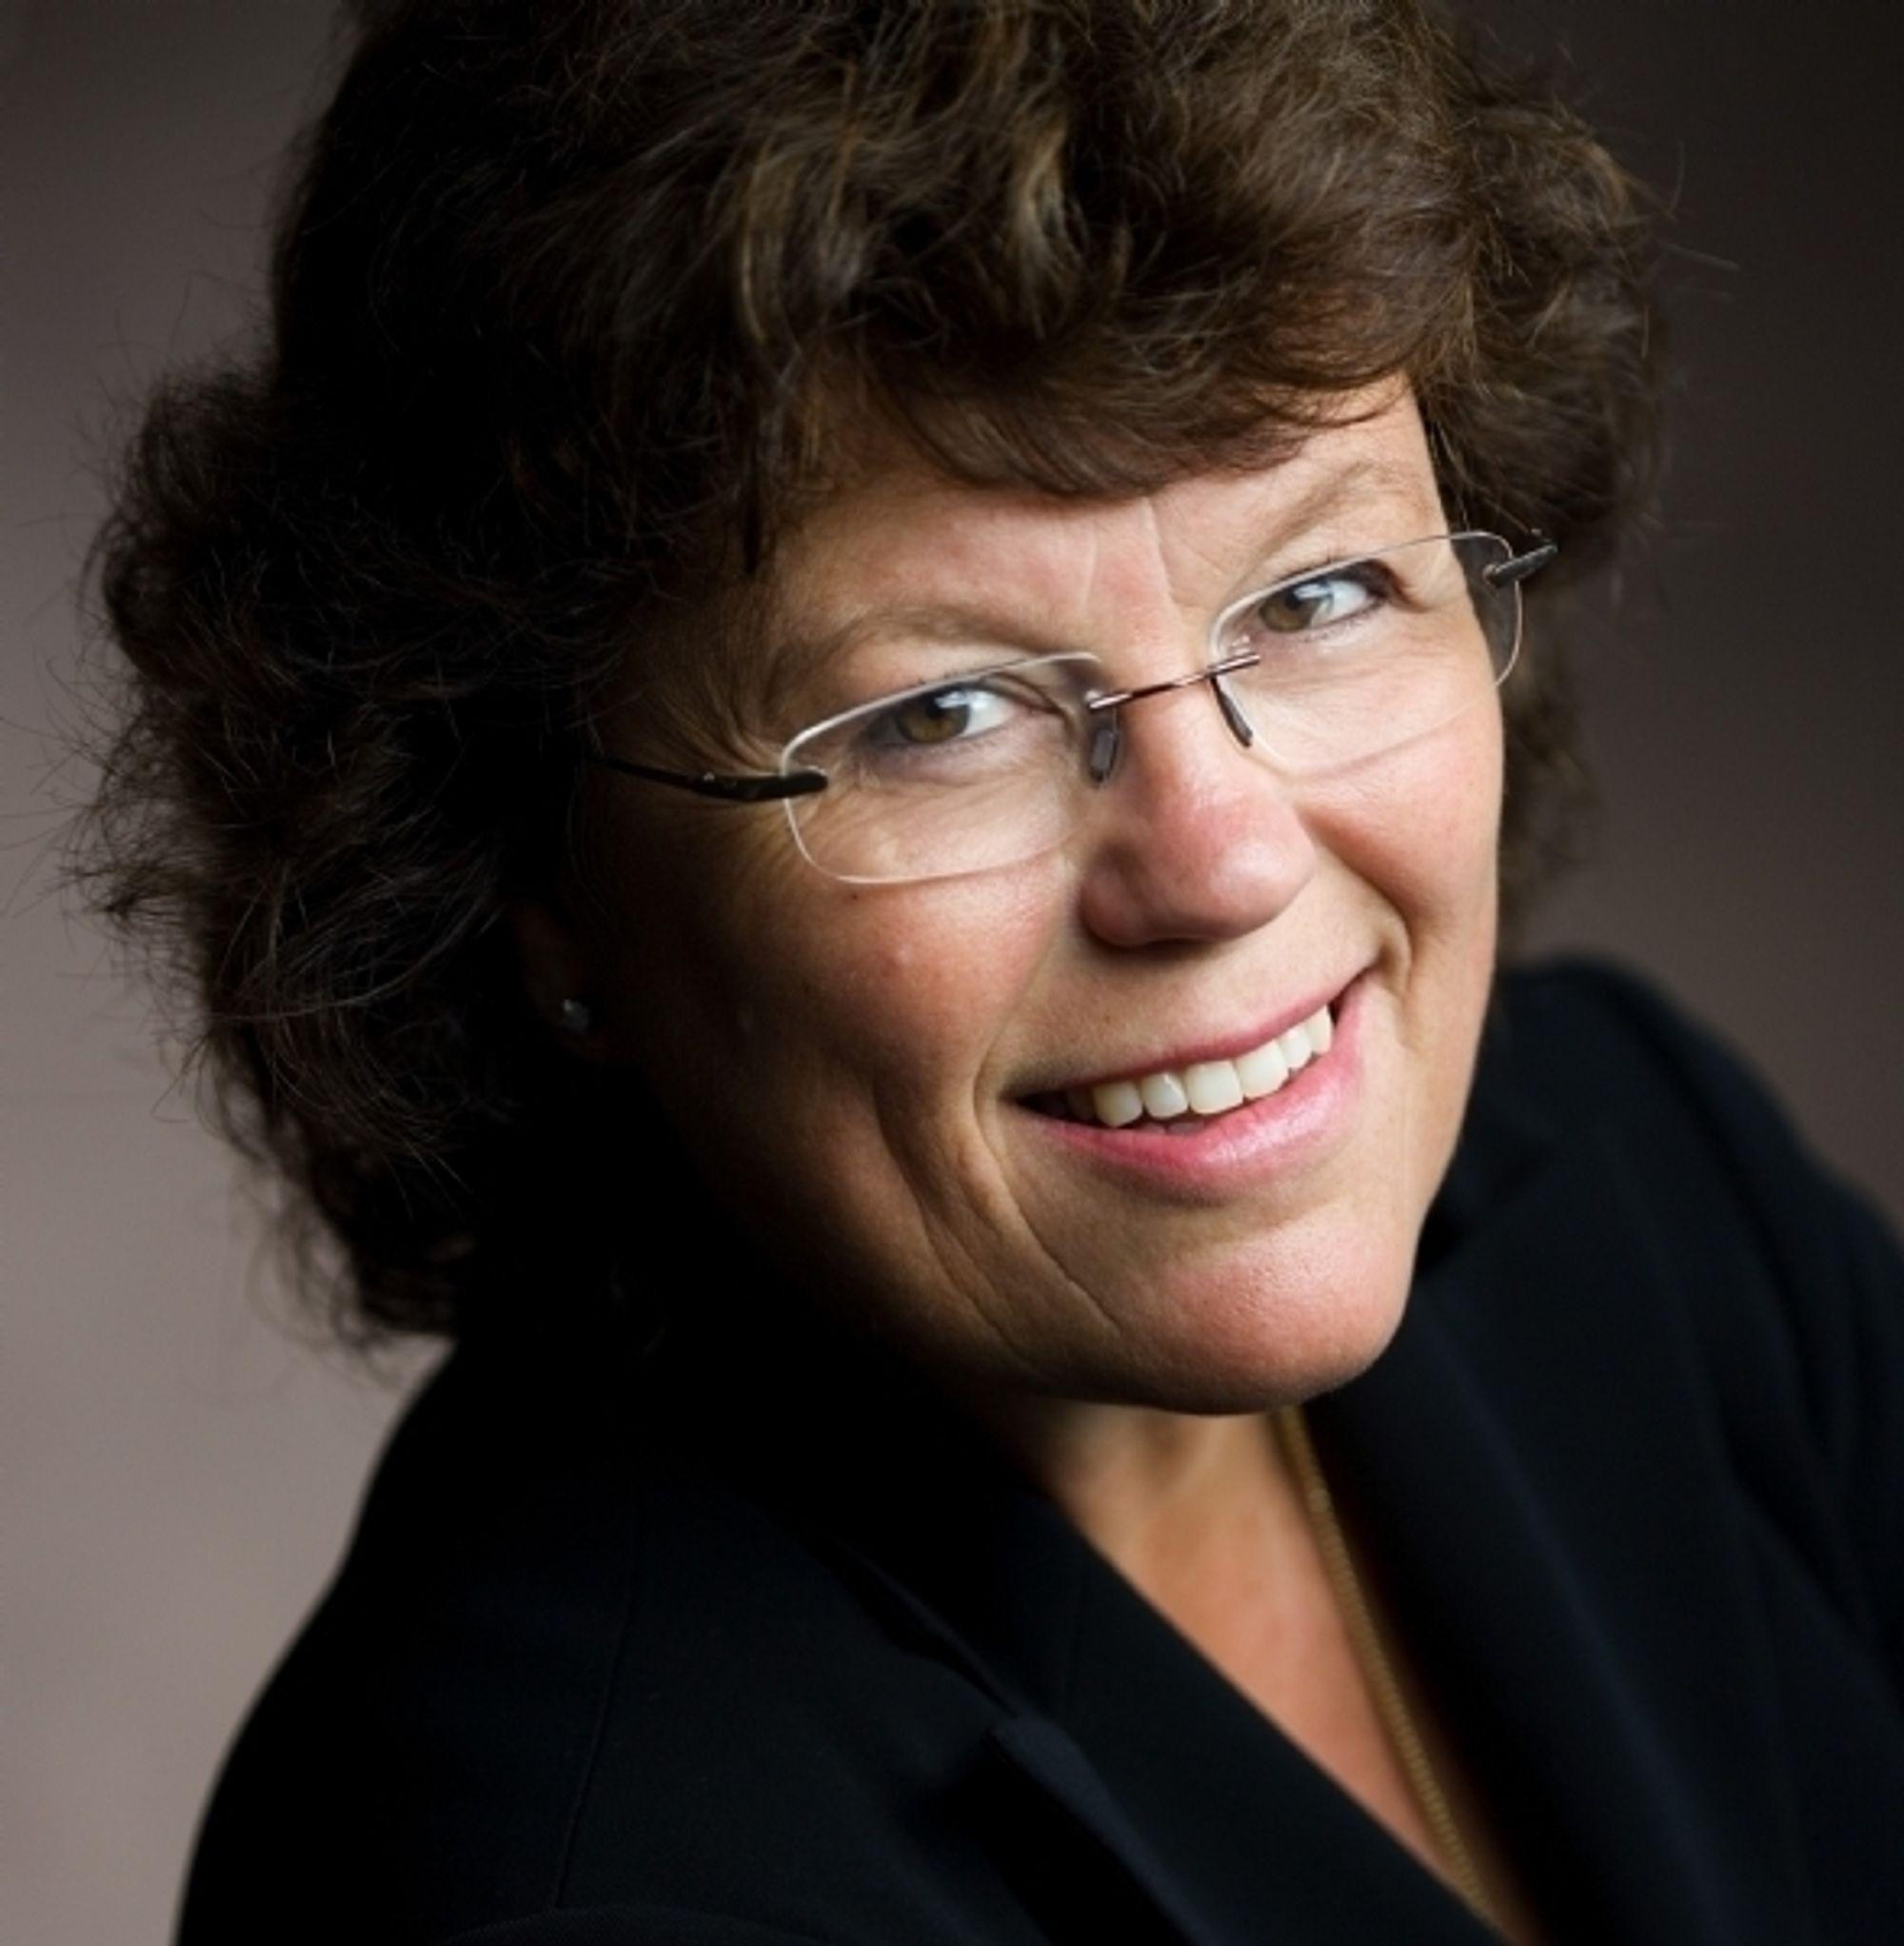 Digital: Forfatter Anne Holt sitter i styret i det digitale forlaget Greenbook.